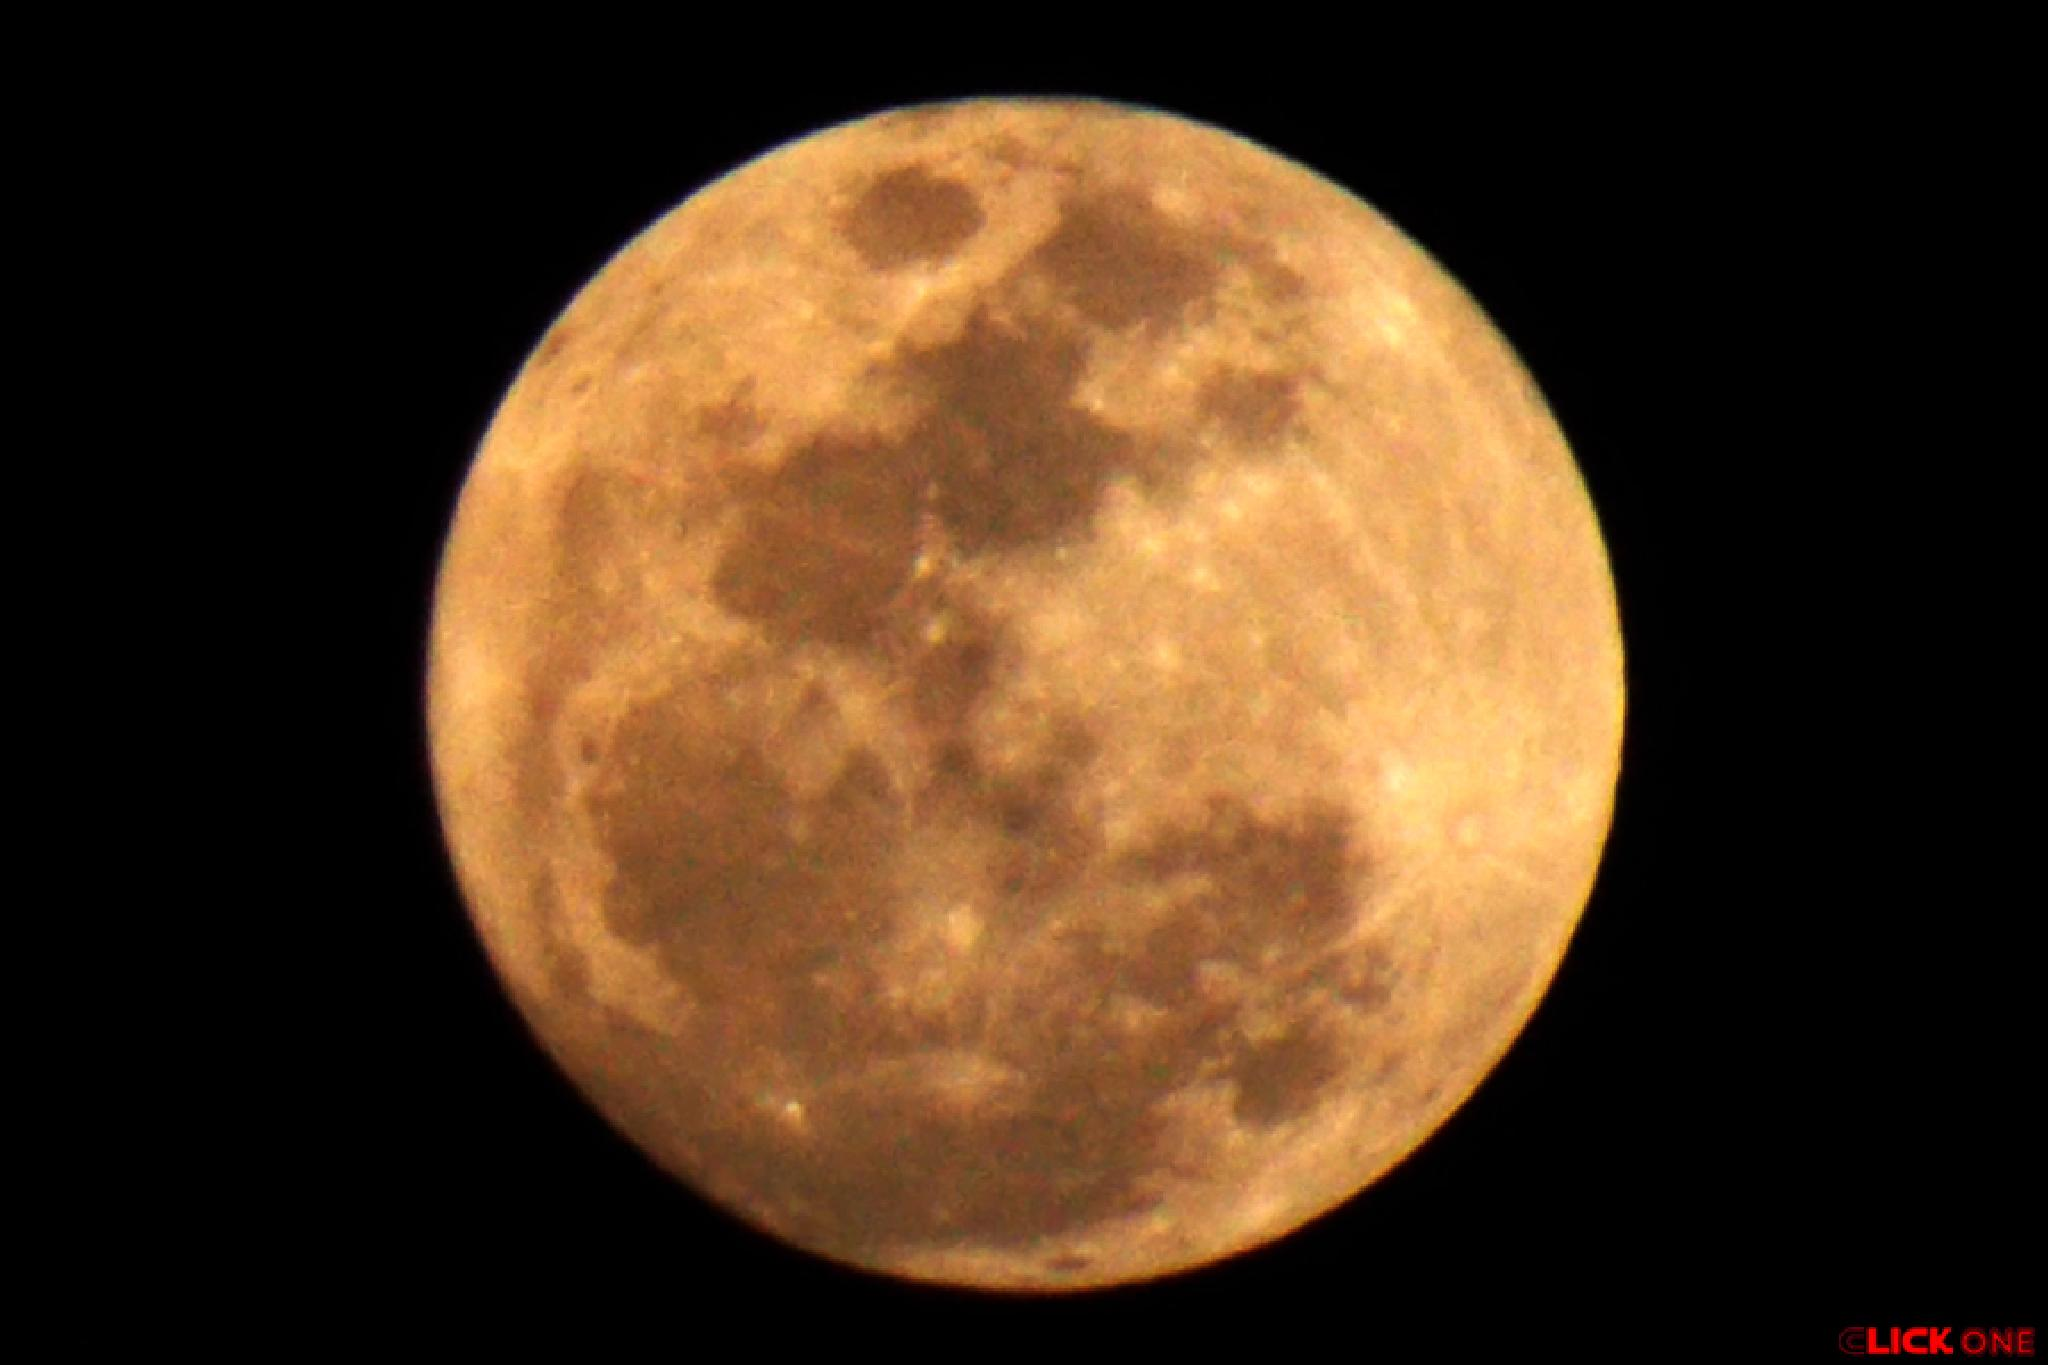 Full Moon. 6:28 PM. Feb. 03, 2015. by Ăjȫy Ðhâŕ